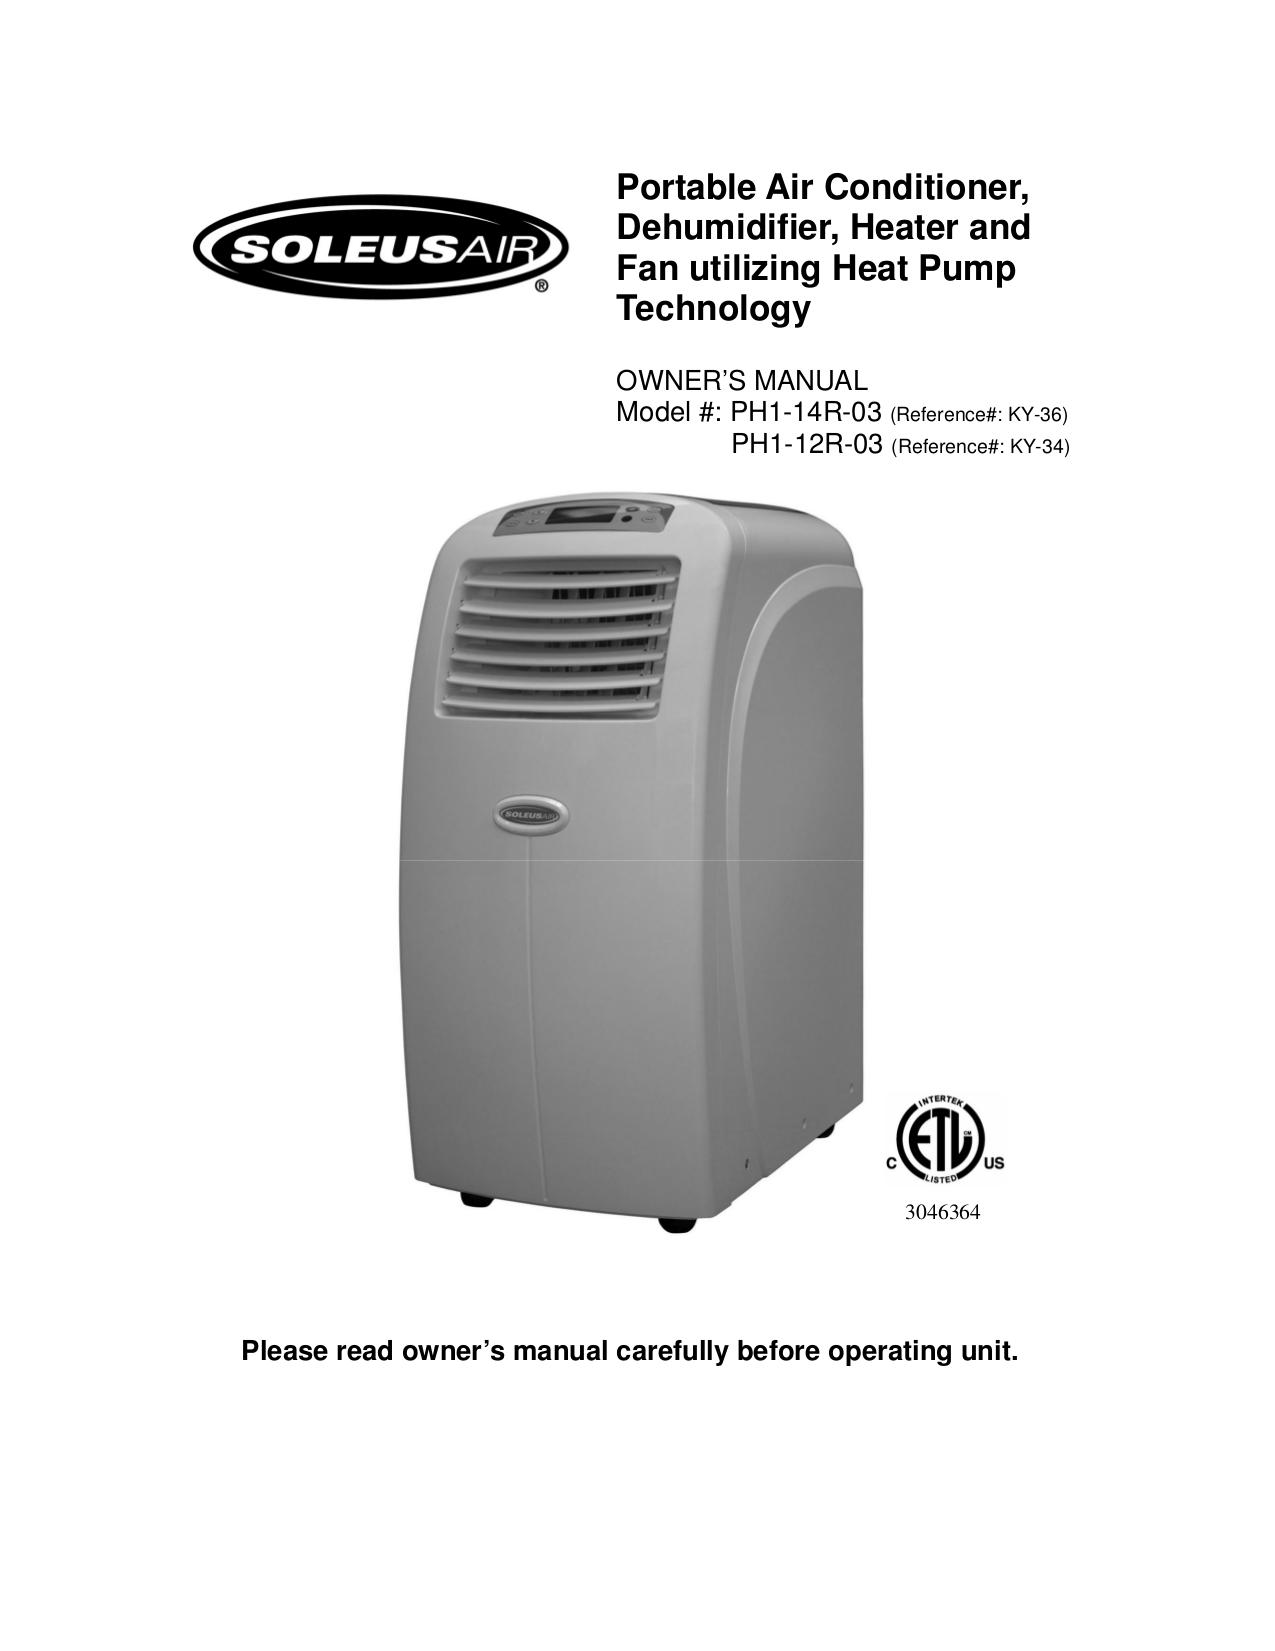 ipad air manual download pdf